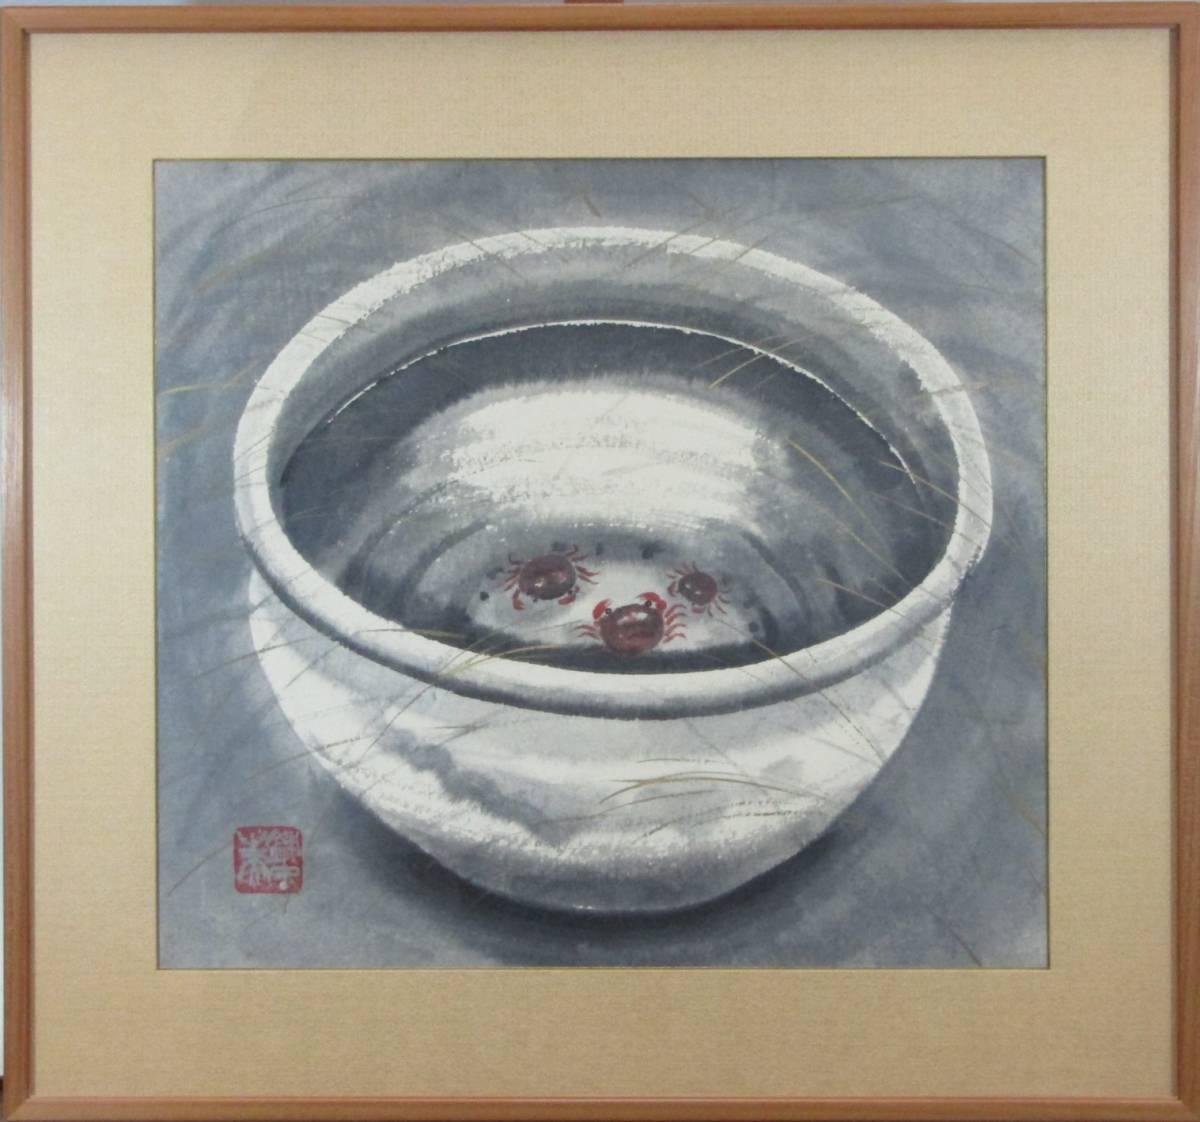 「真作」追悼 人気水墨画家 穐月 明 「鉢中の天」 10号 水墨画 共シール